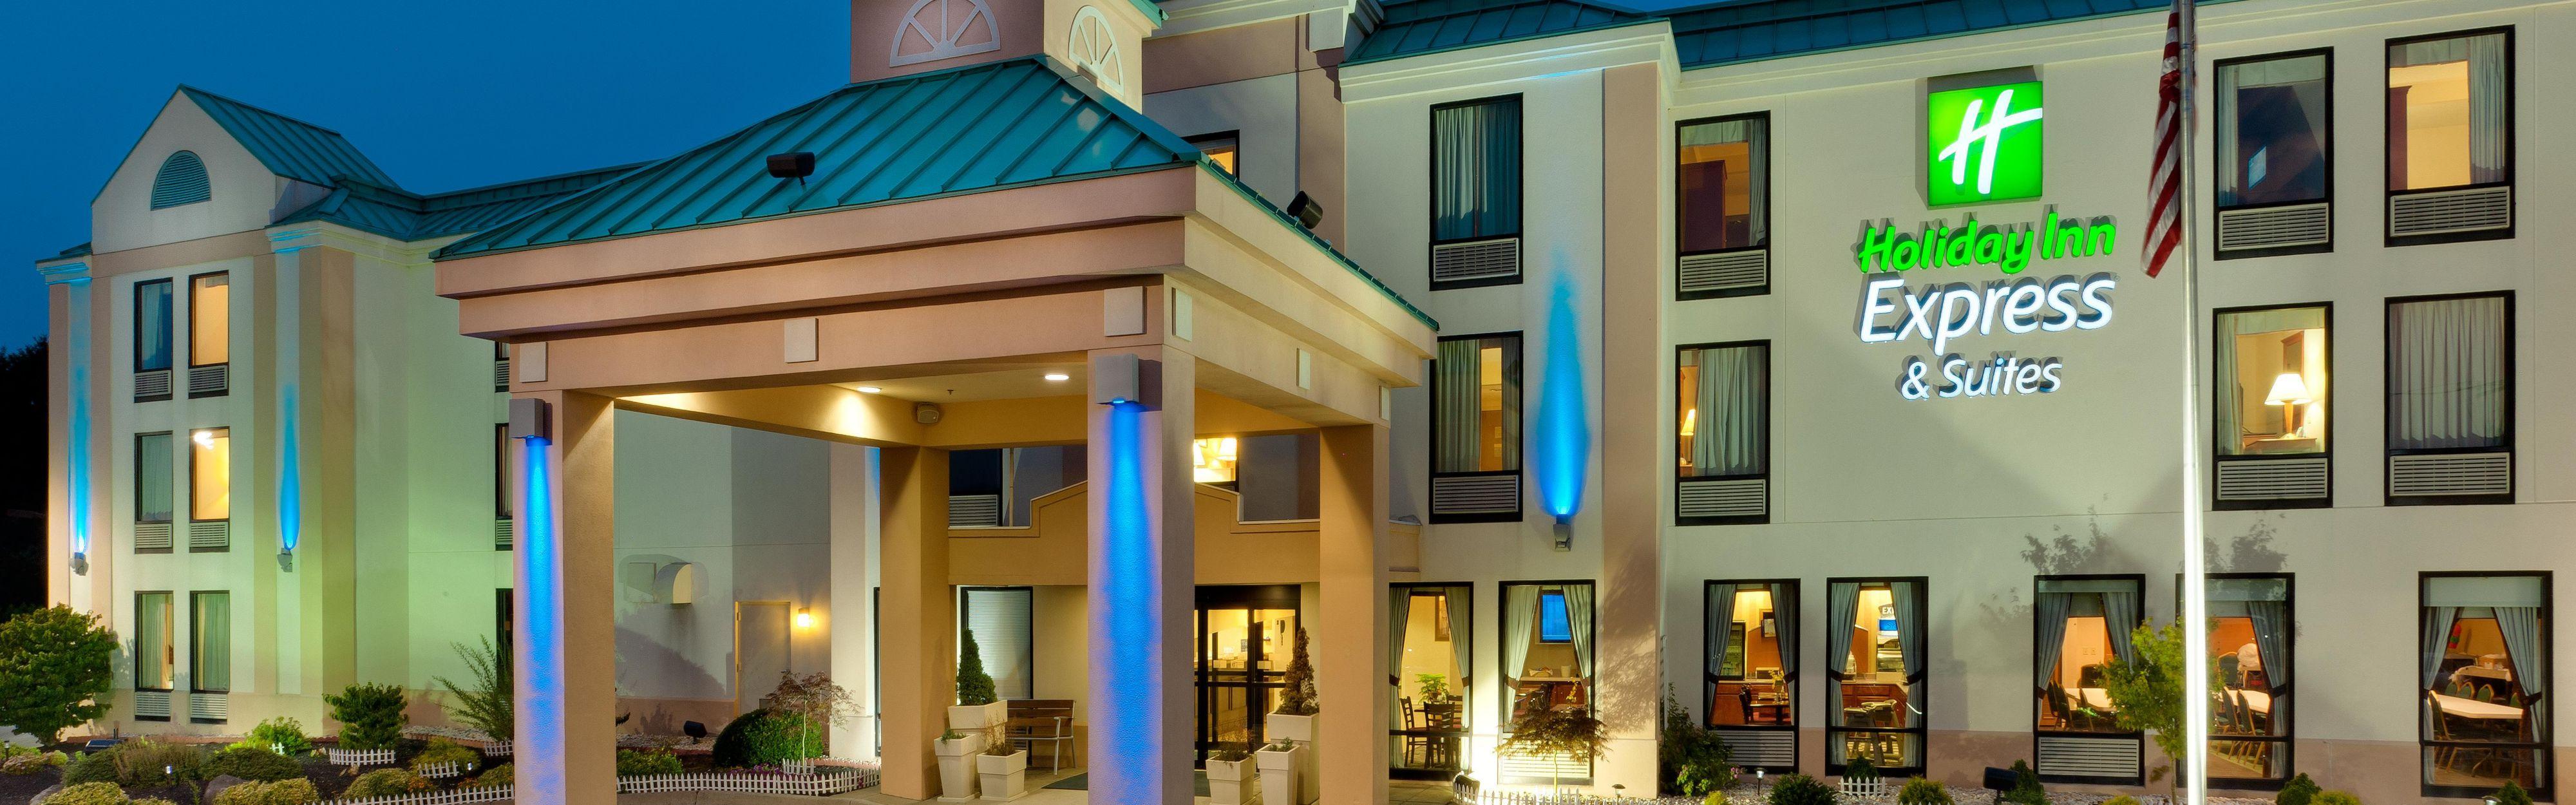 Holiday Inn Express Amp Suites Allentown Cen Dorneyville